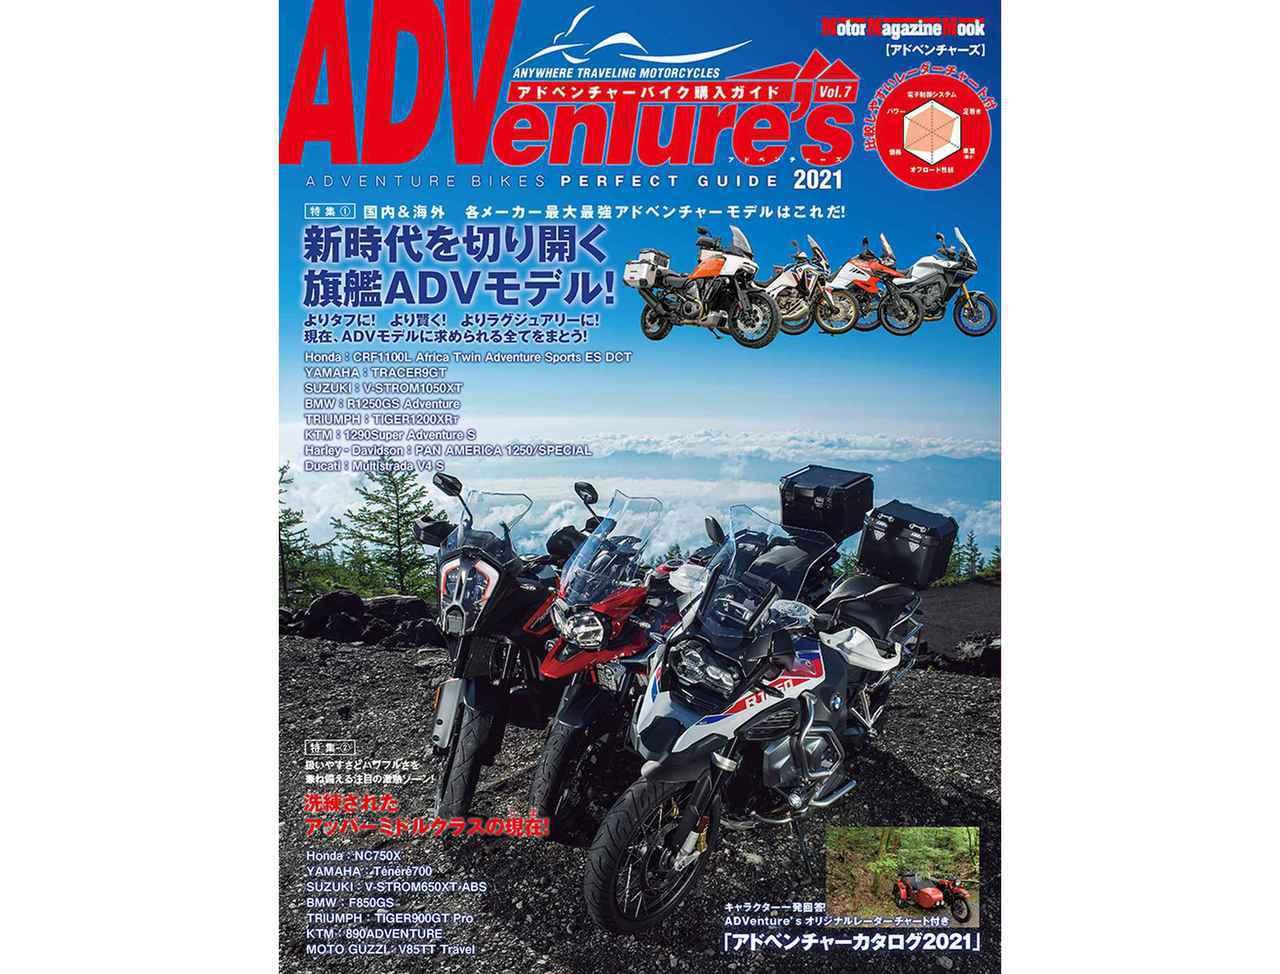 画像1: 最新アドベンチャーバイクを徹底解説!『アドベンチャーズ 2021』発売|丸ごと一冊、冒険ADVモデル大特集 - webオートバイ